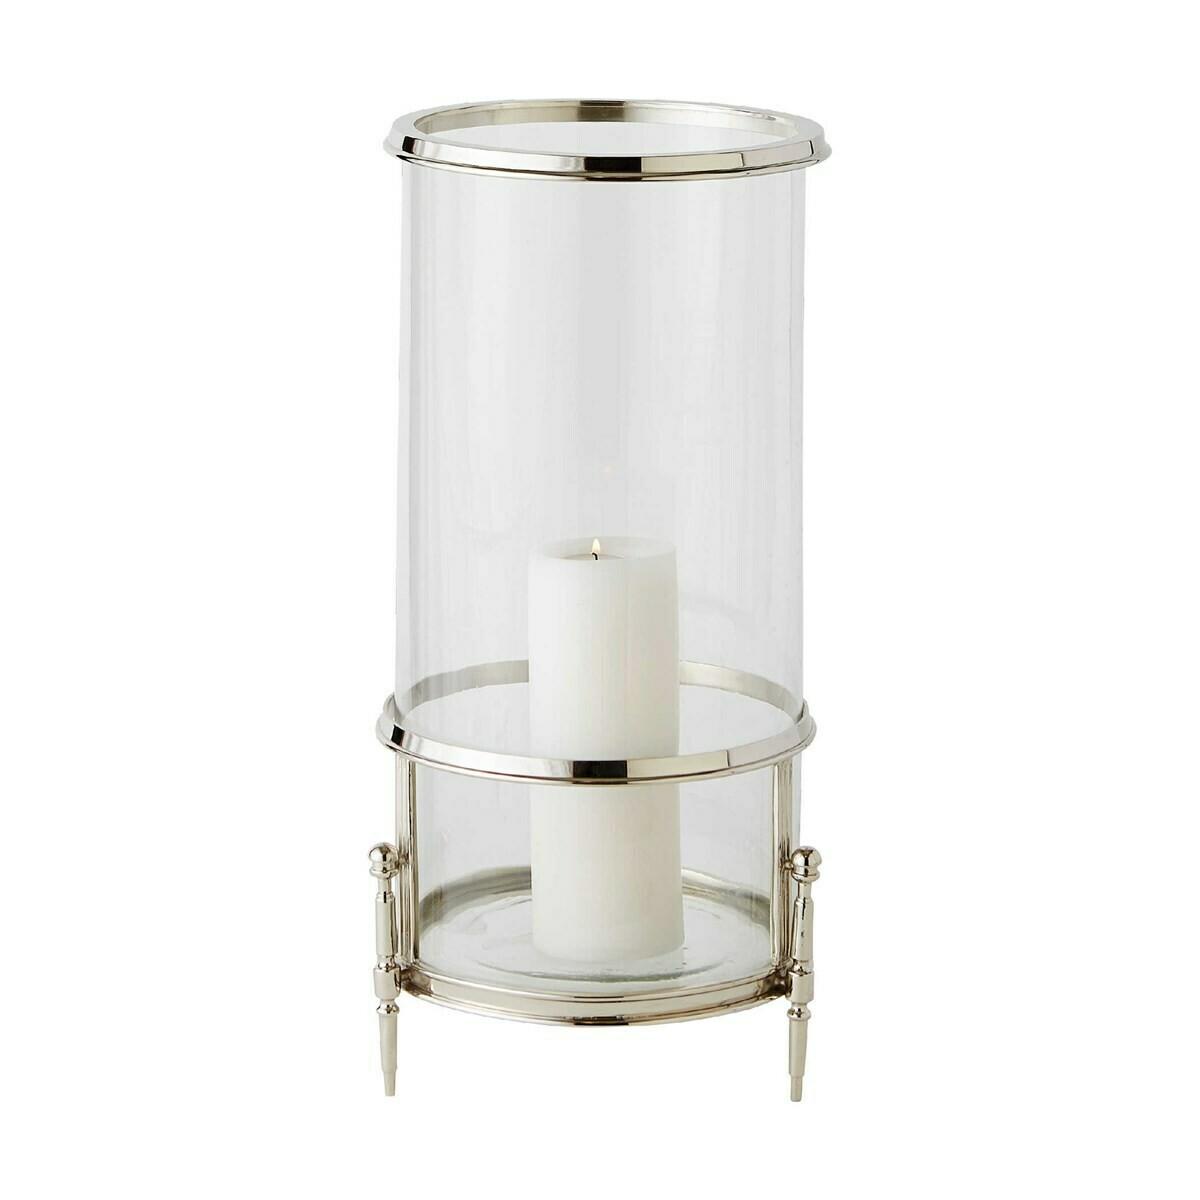 Regent Hurricane/Vase Nickel